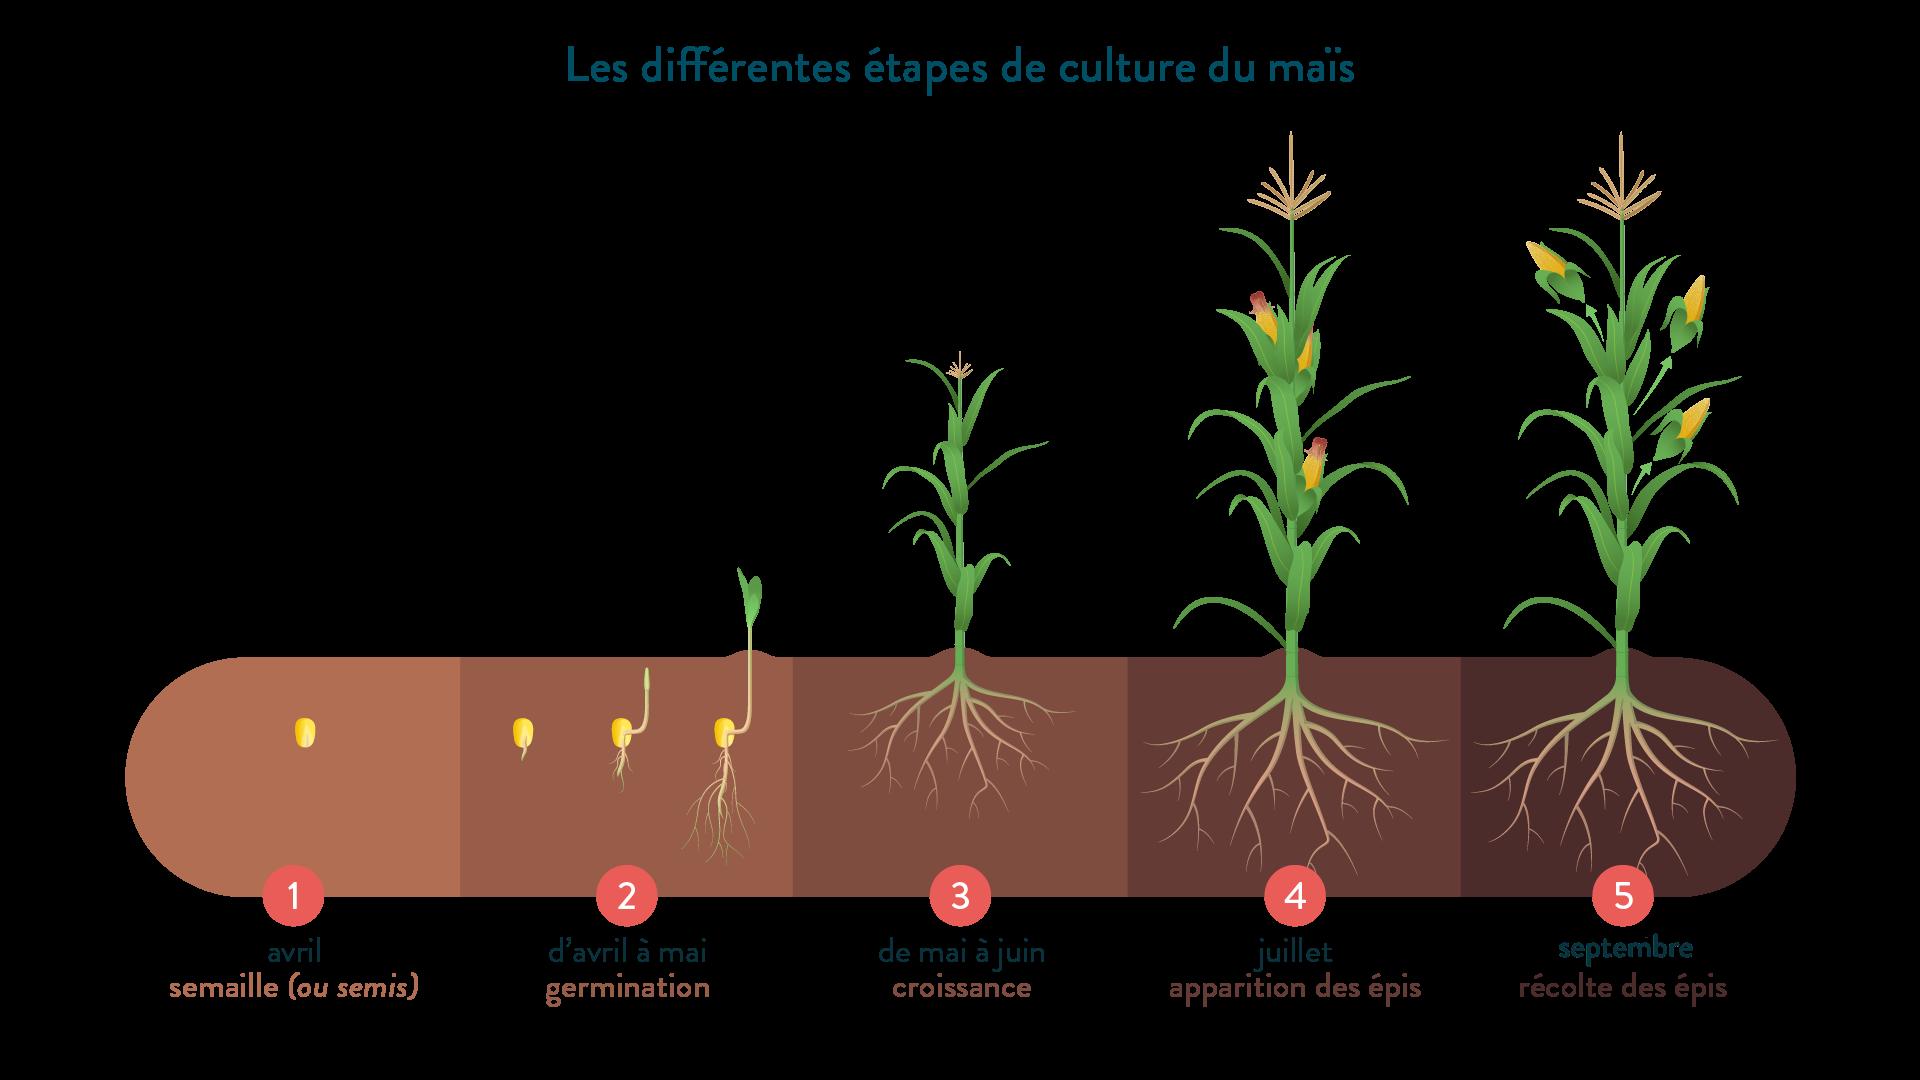 Les différentes étapes de culture du maïs